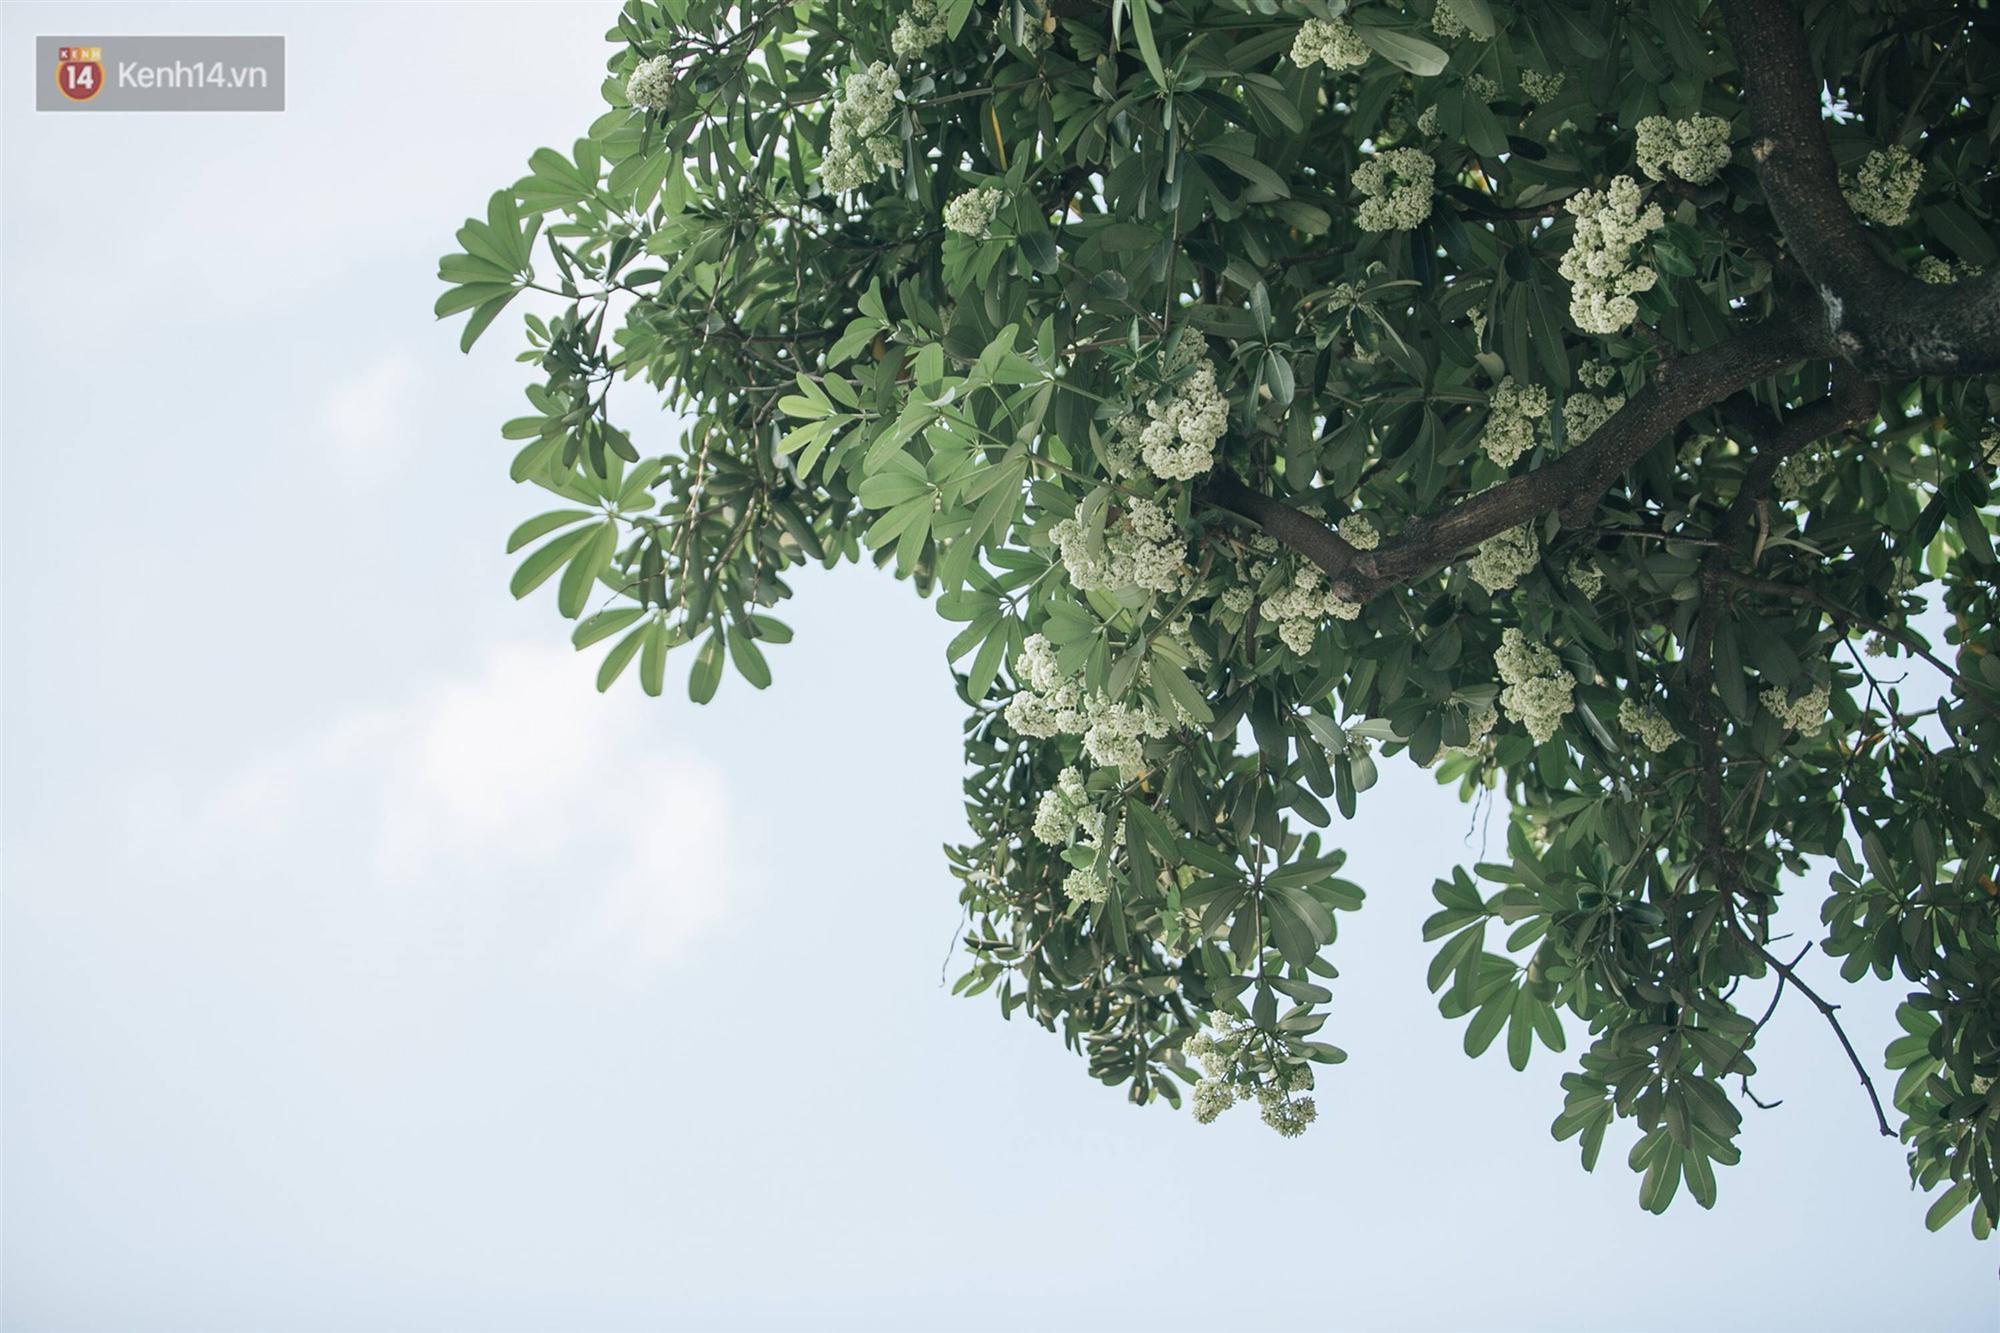 Không chỉ biến hạ thành đông, Hà Nội còn gọi cả hàng cây hoa sữa bung nở khắp phố dù trái mùa-13